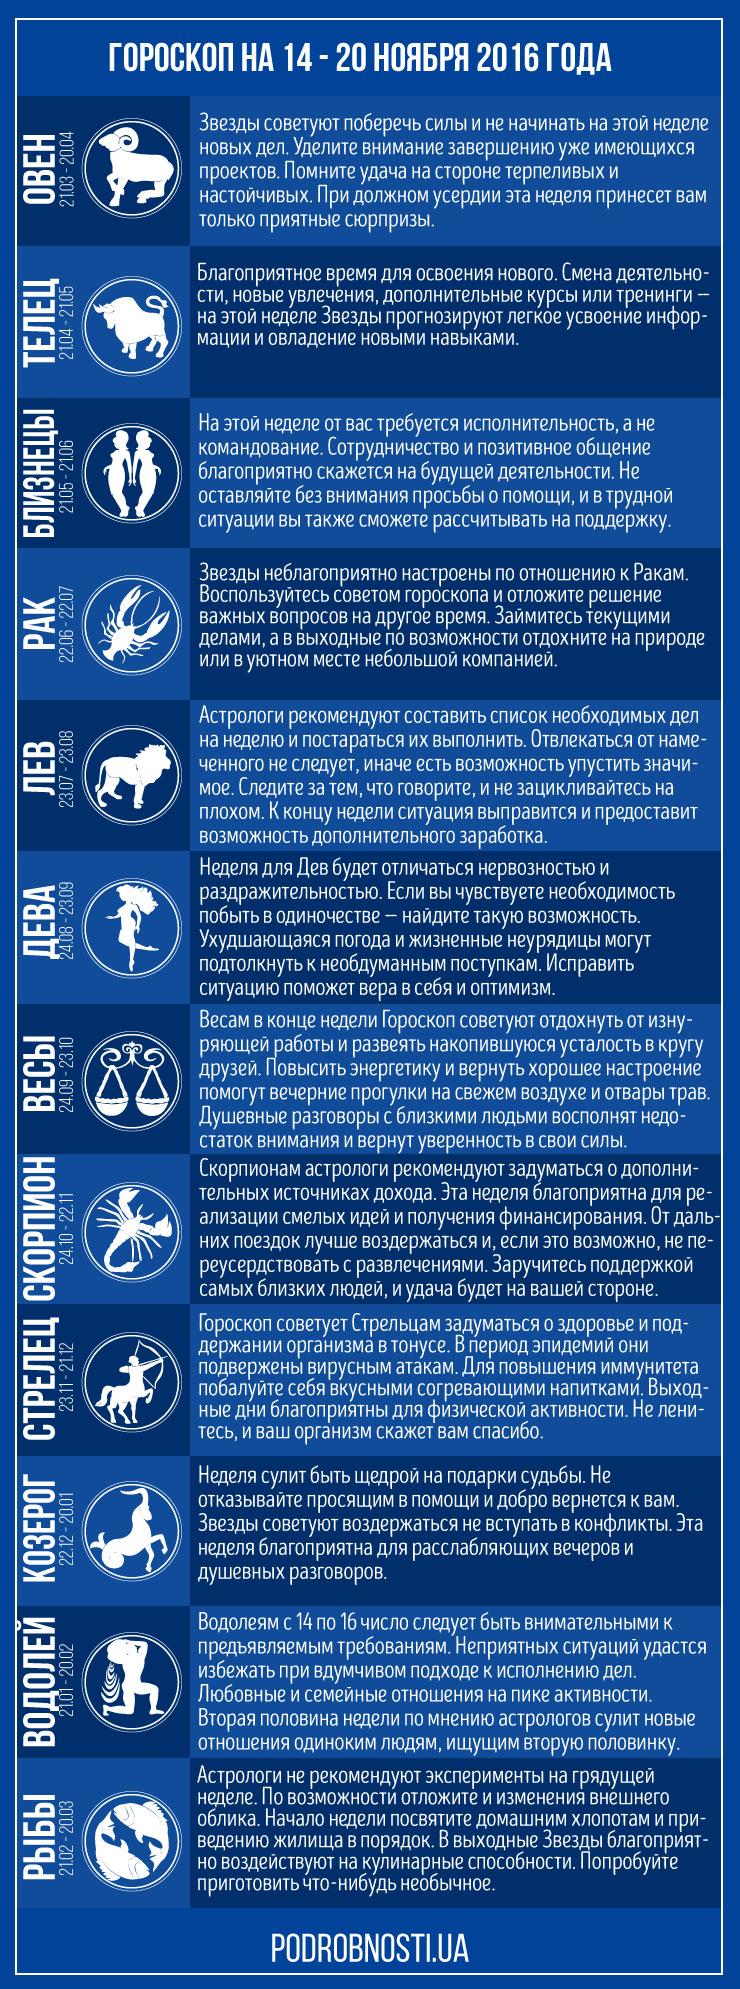 гороскоп на ноябрь по знаком зодиака